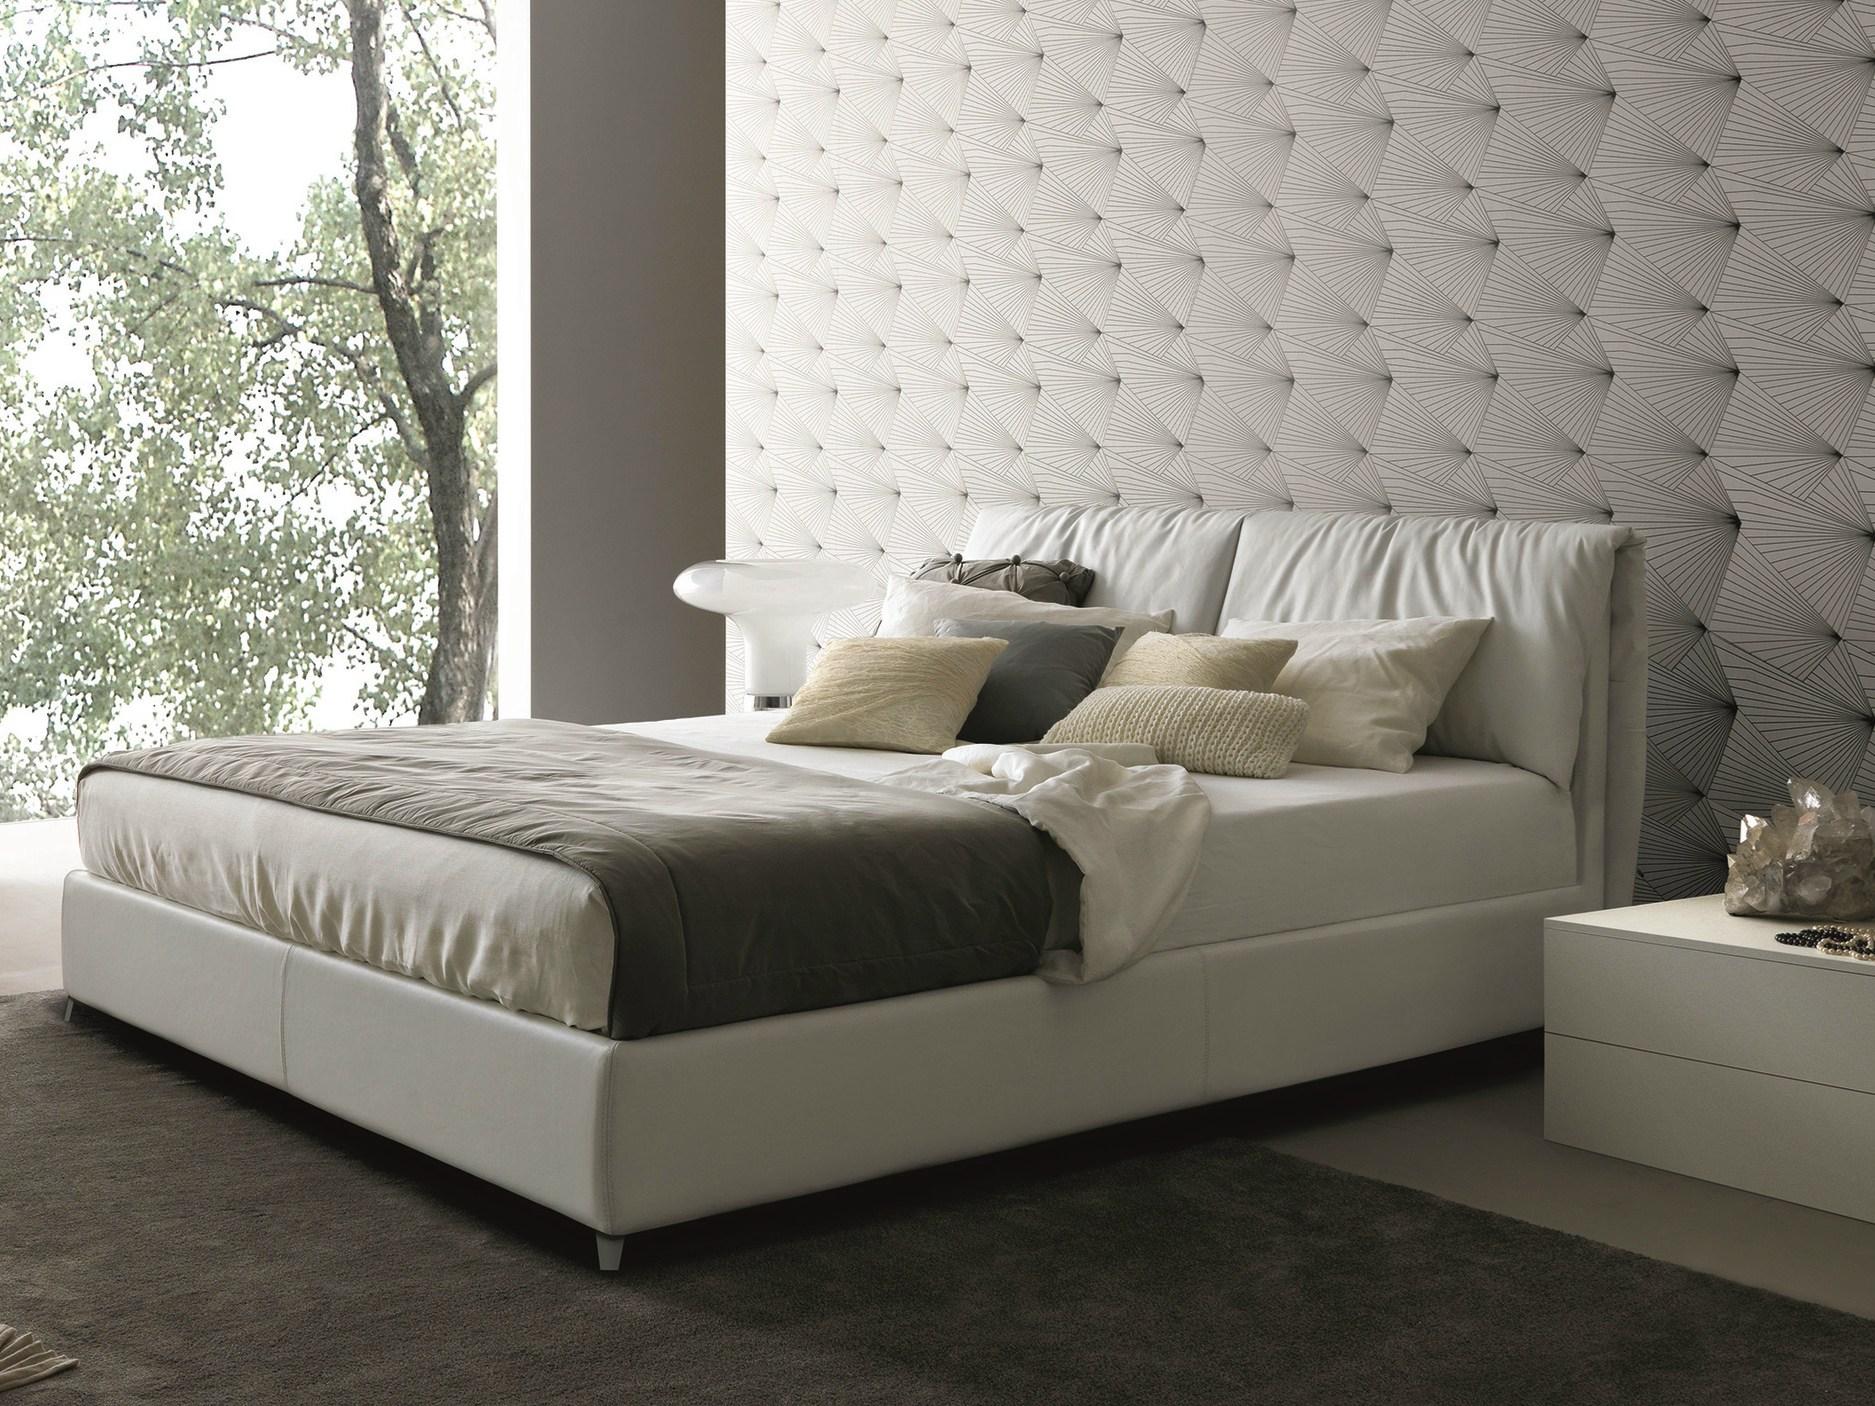 Специальный кровати для занятия сексом